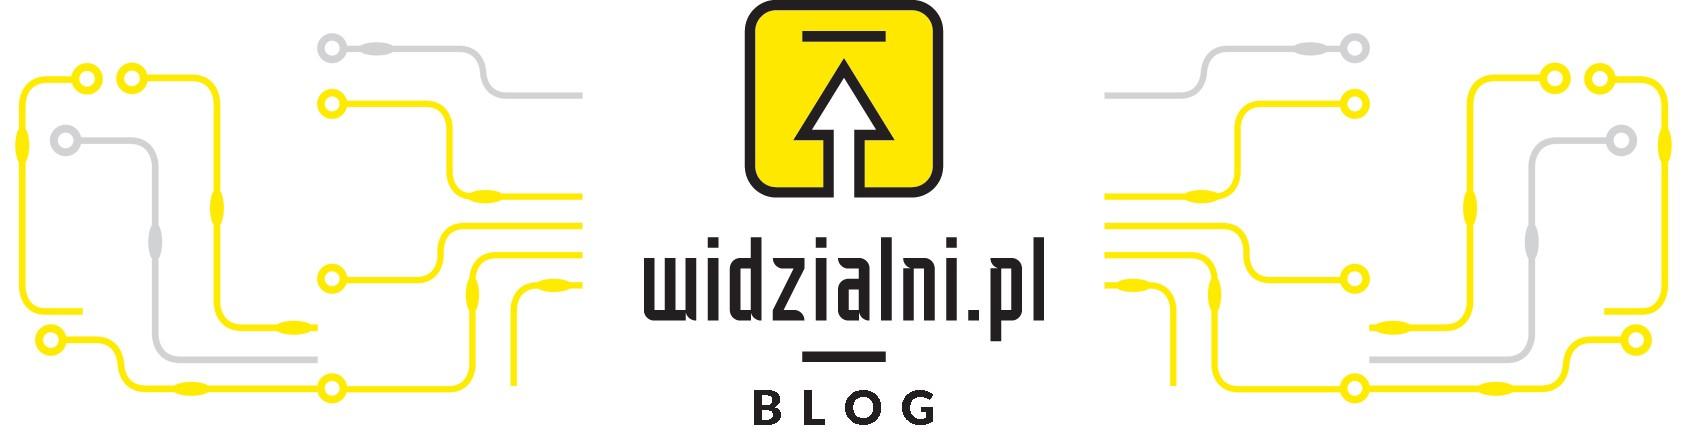 Blog widzialni.pl - pozycjonowanie i SEO